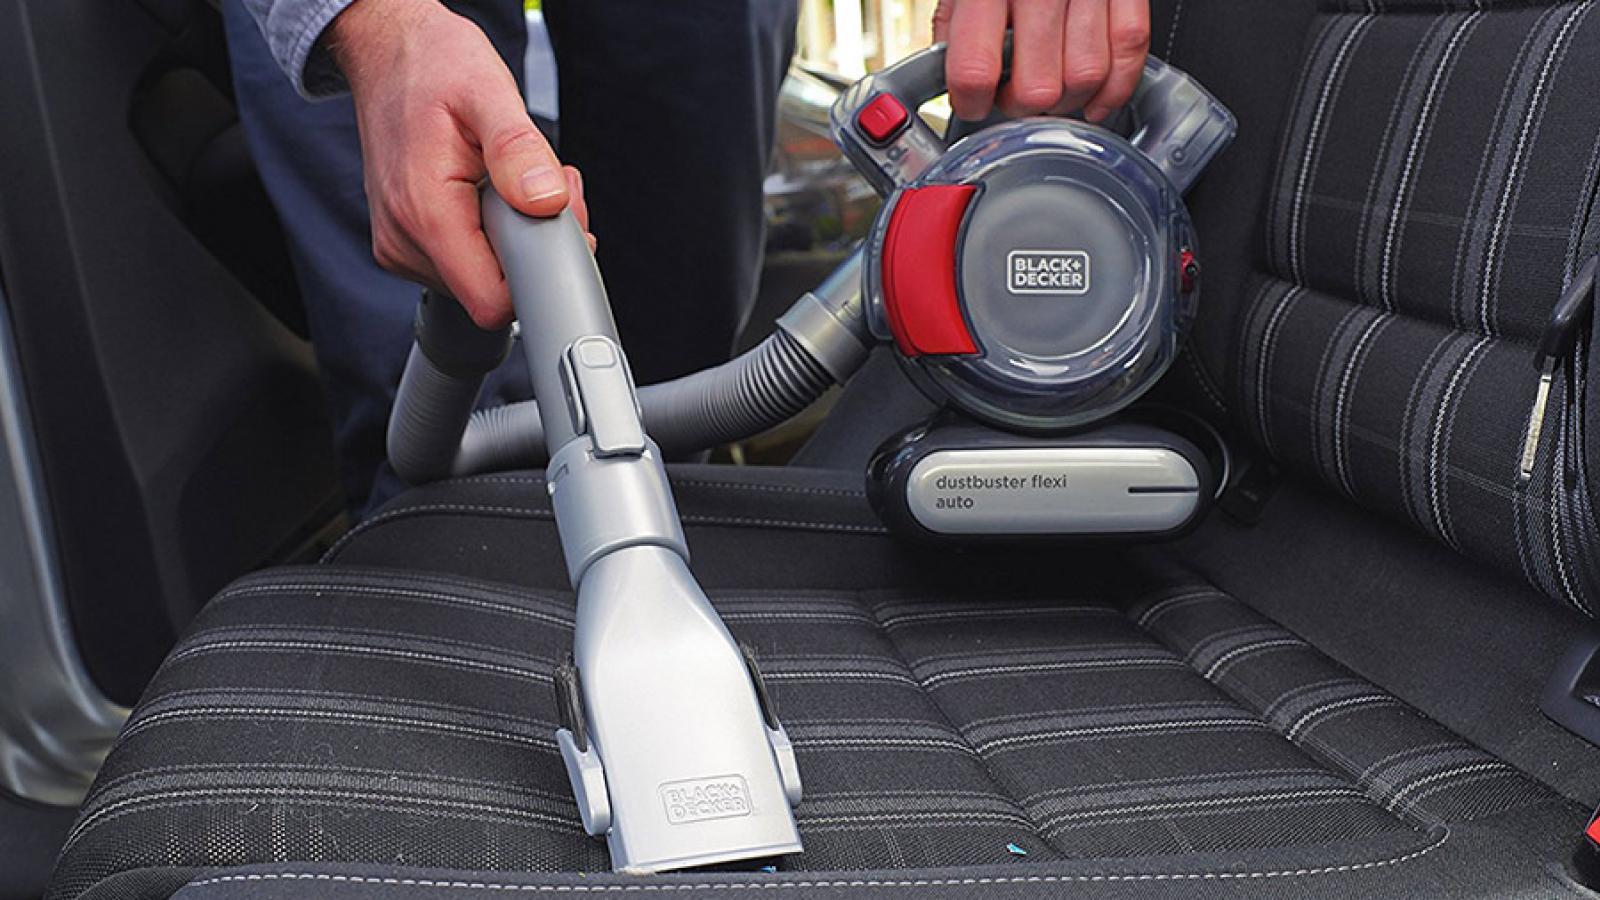 Avis et test aspirateur pour voiture dustbuster black+decker au meilleur prix